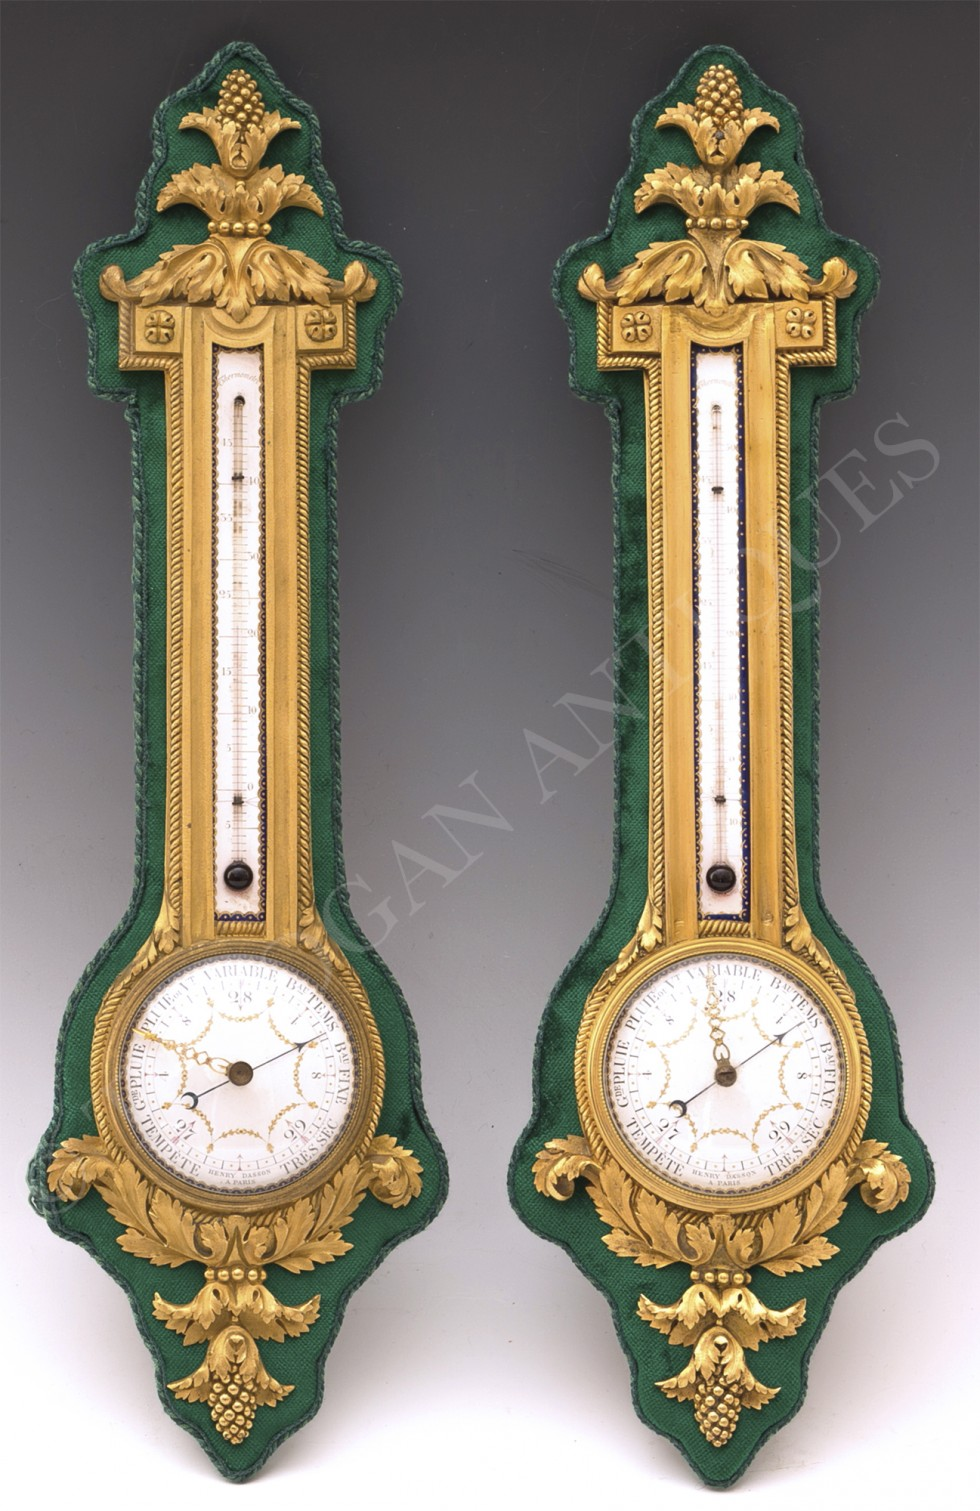 H. Dasson <br/> Baromètre thermomètre